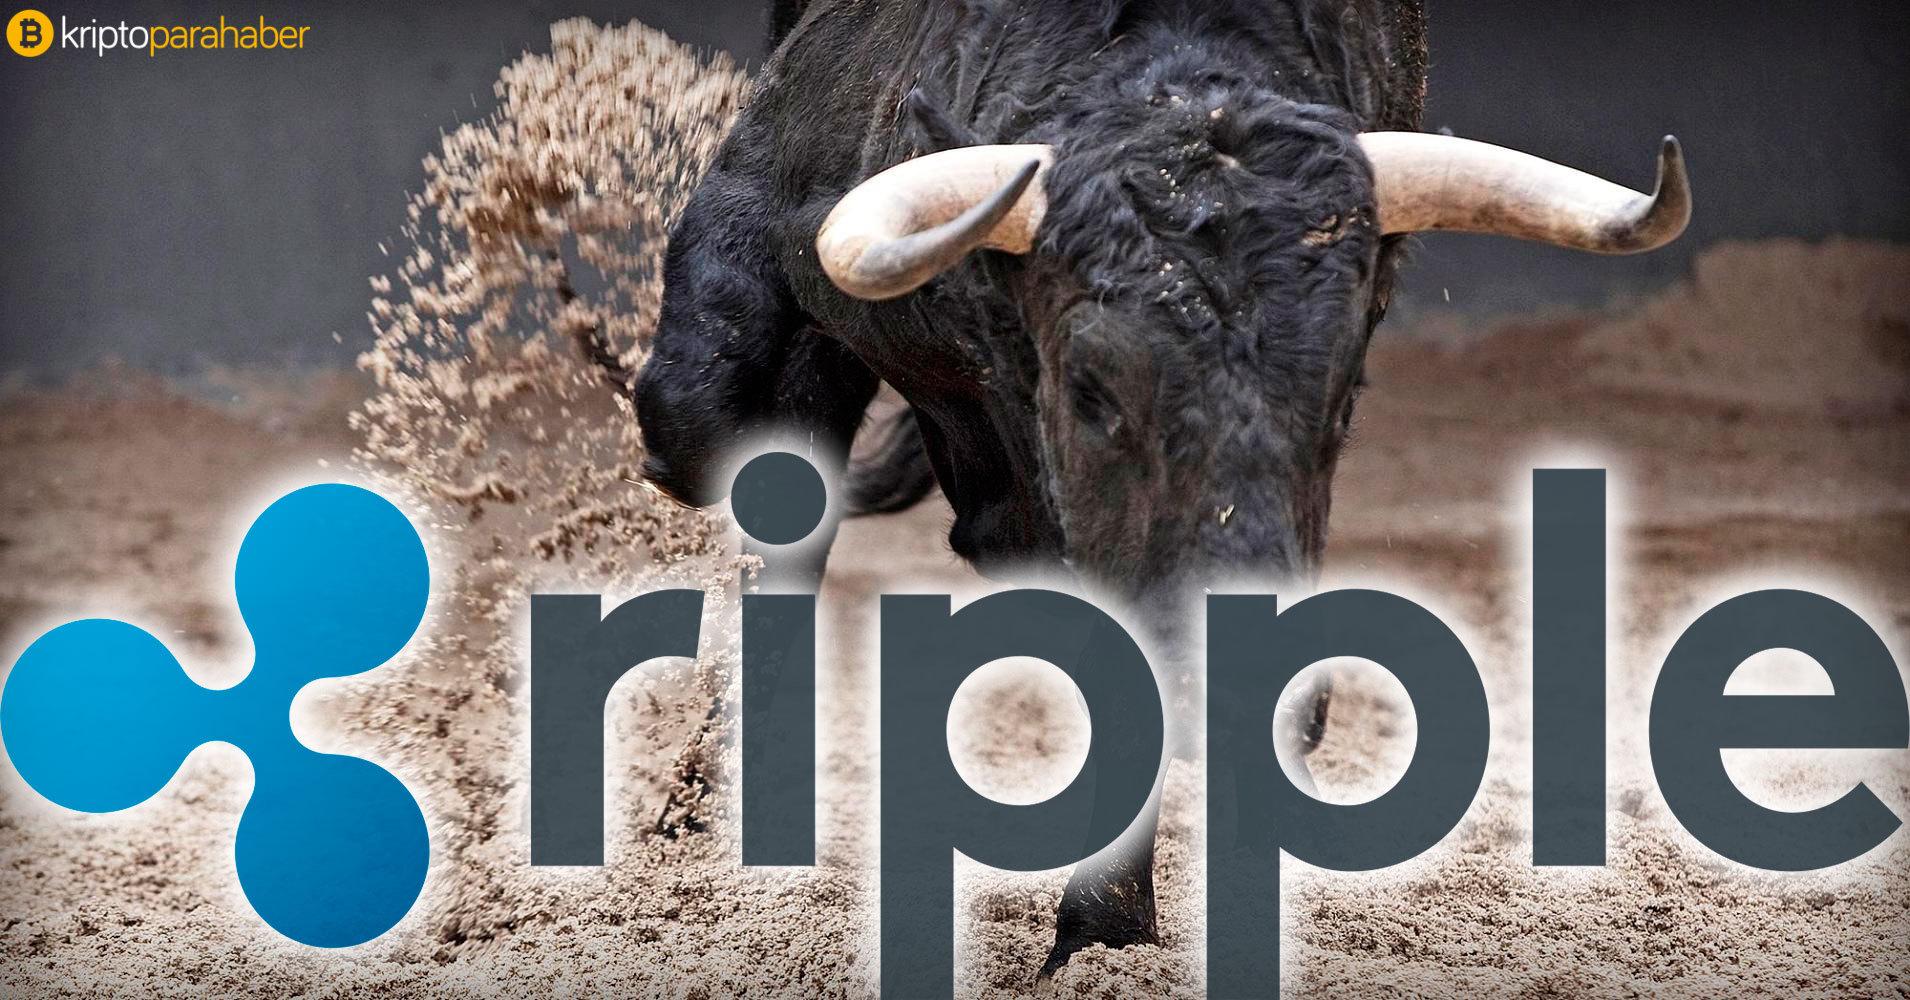 Ripple yatırımcılarına müjde, Boğalar koşu için ısınıyor: XRP'de Golden Cross (Altın haç) oluşmak üzere